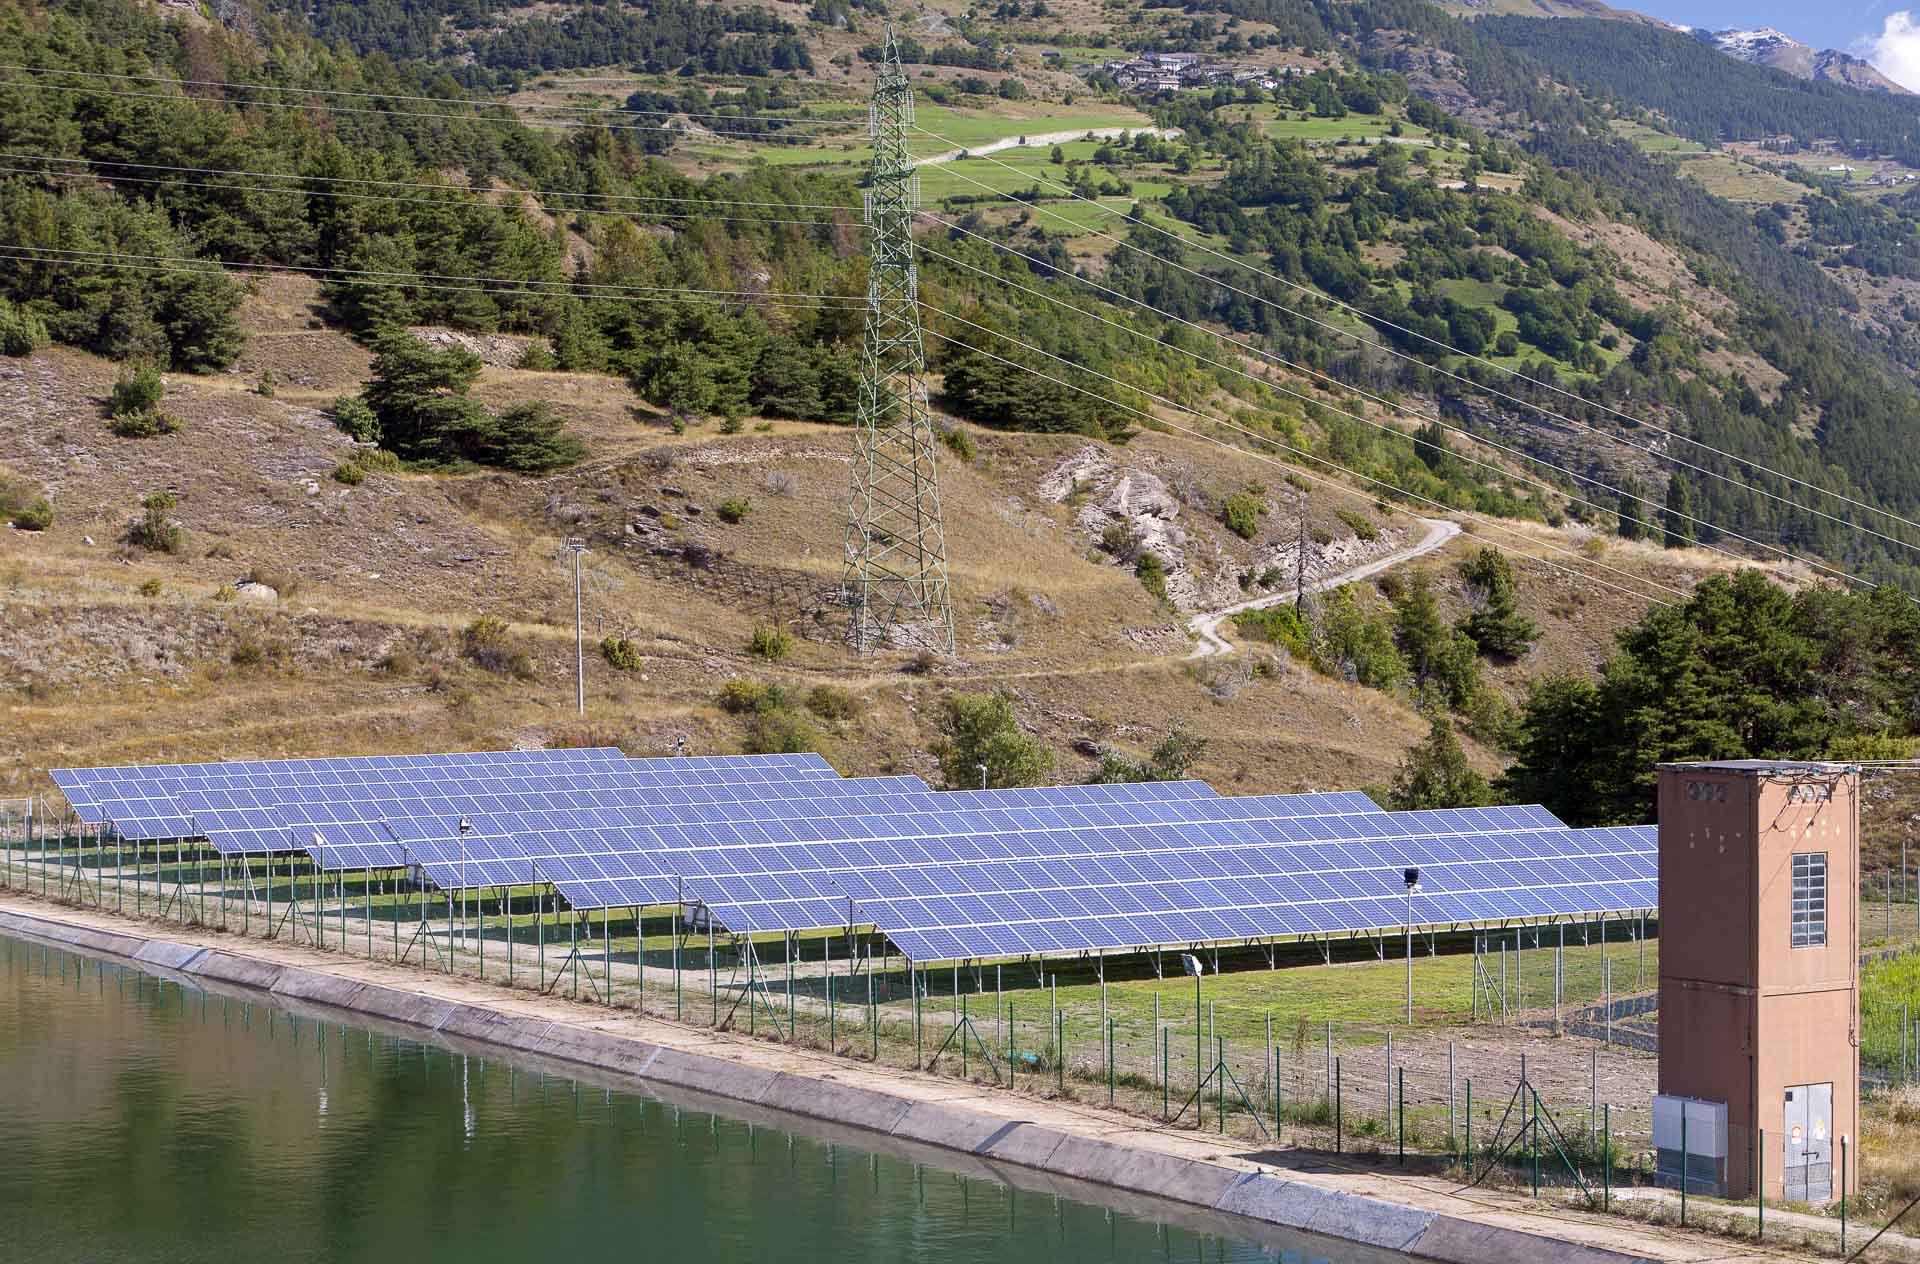 Impianto produzione energia verde rinnovabile fotovoltaica La Tour